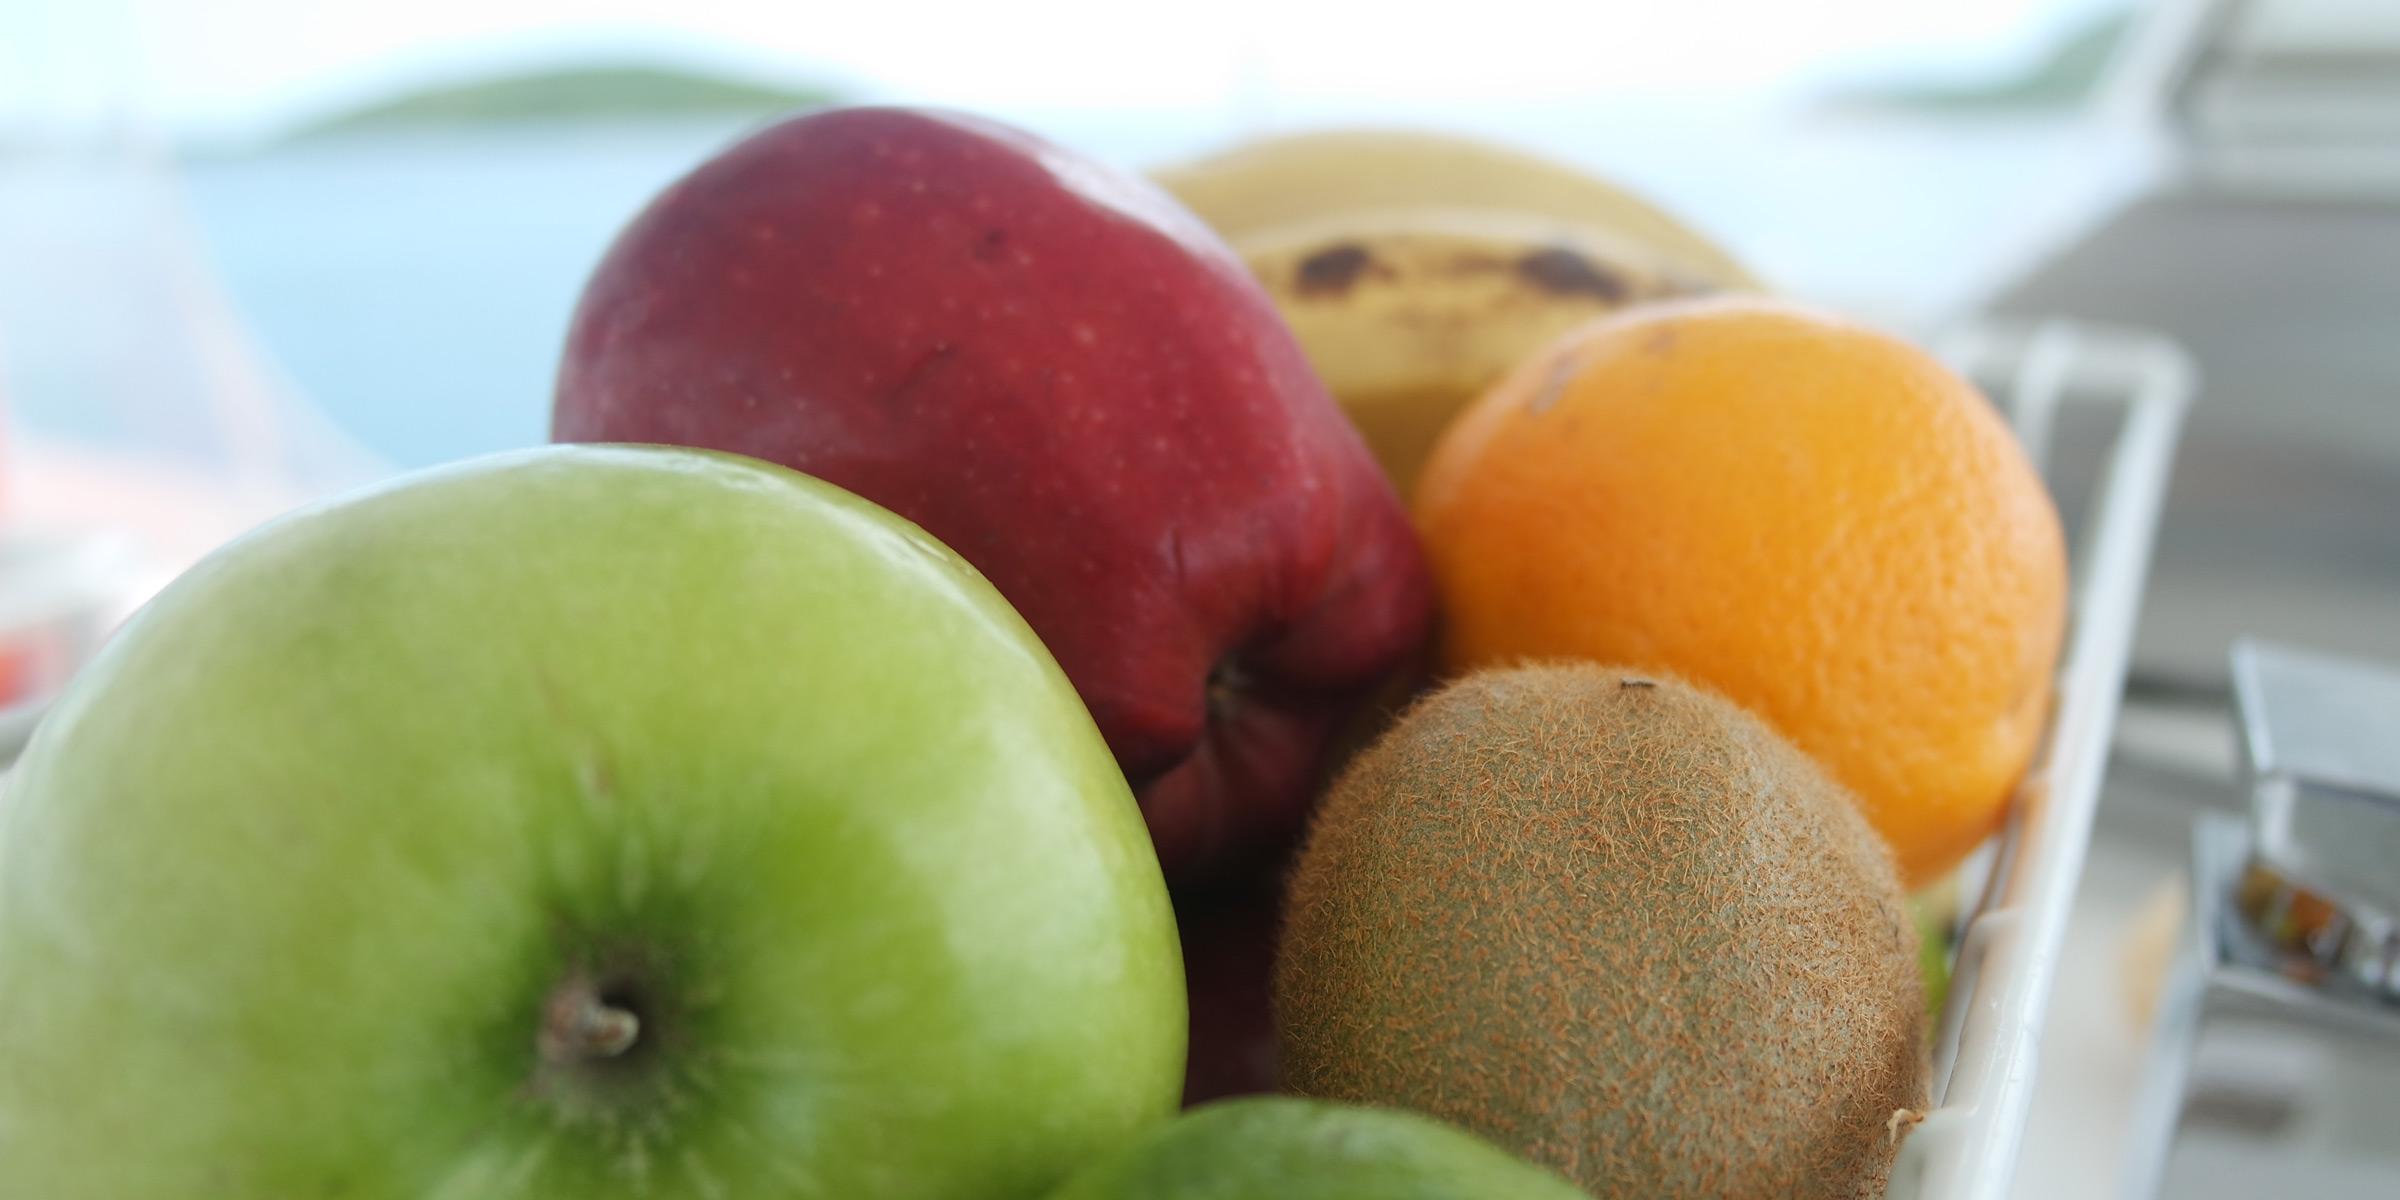 Fruit with apples, kiwi and orange